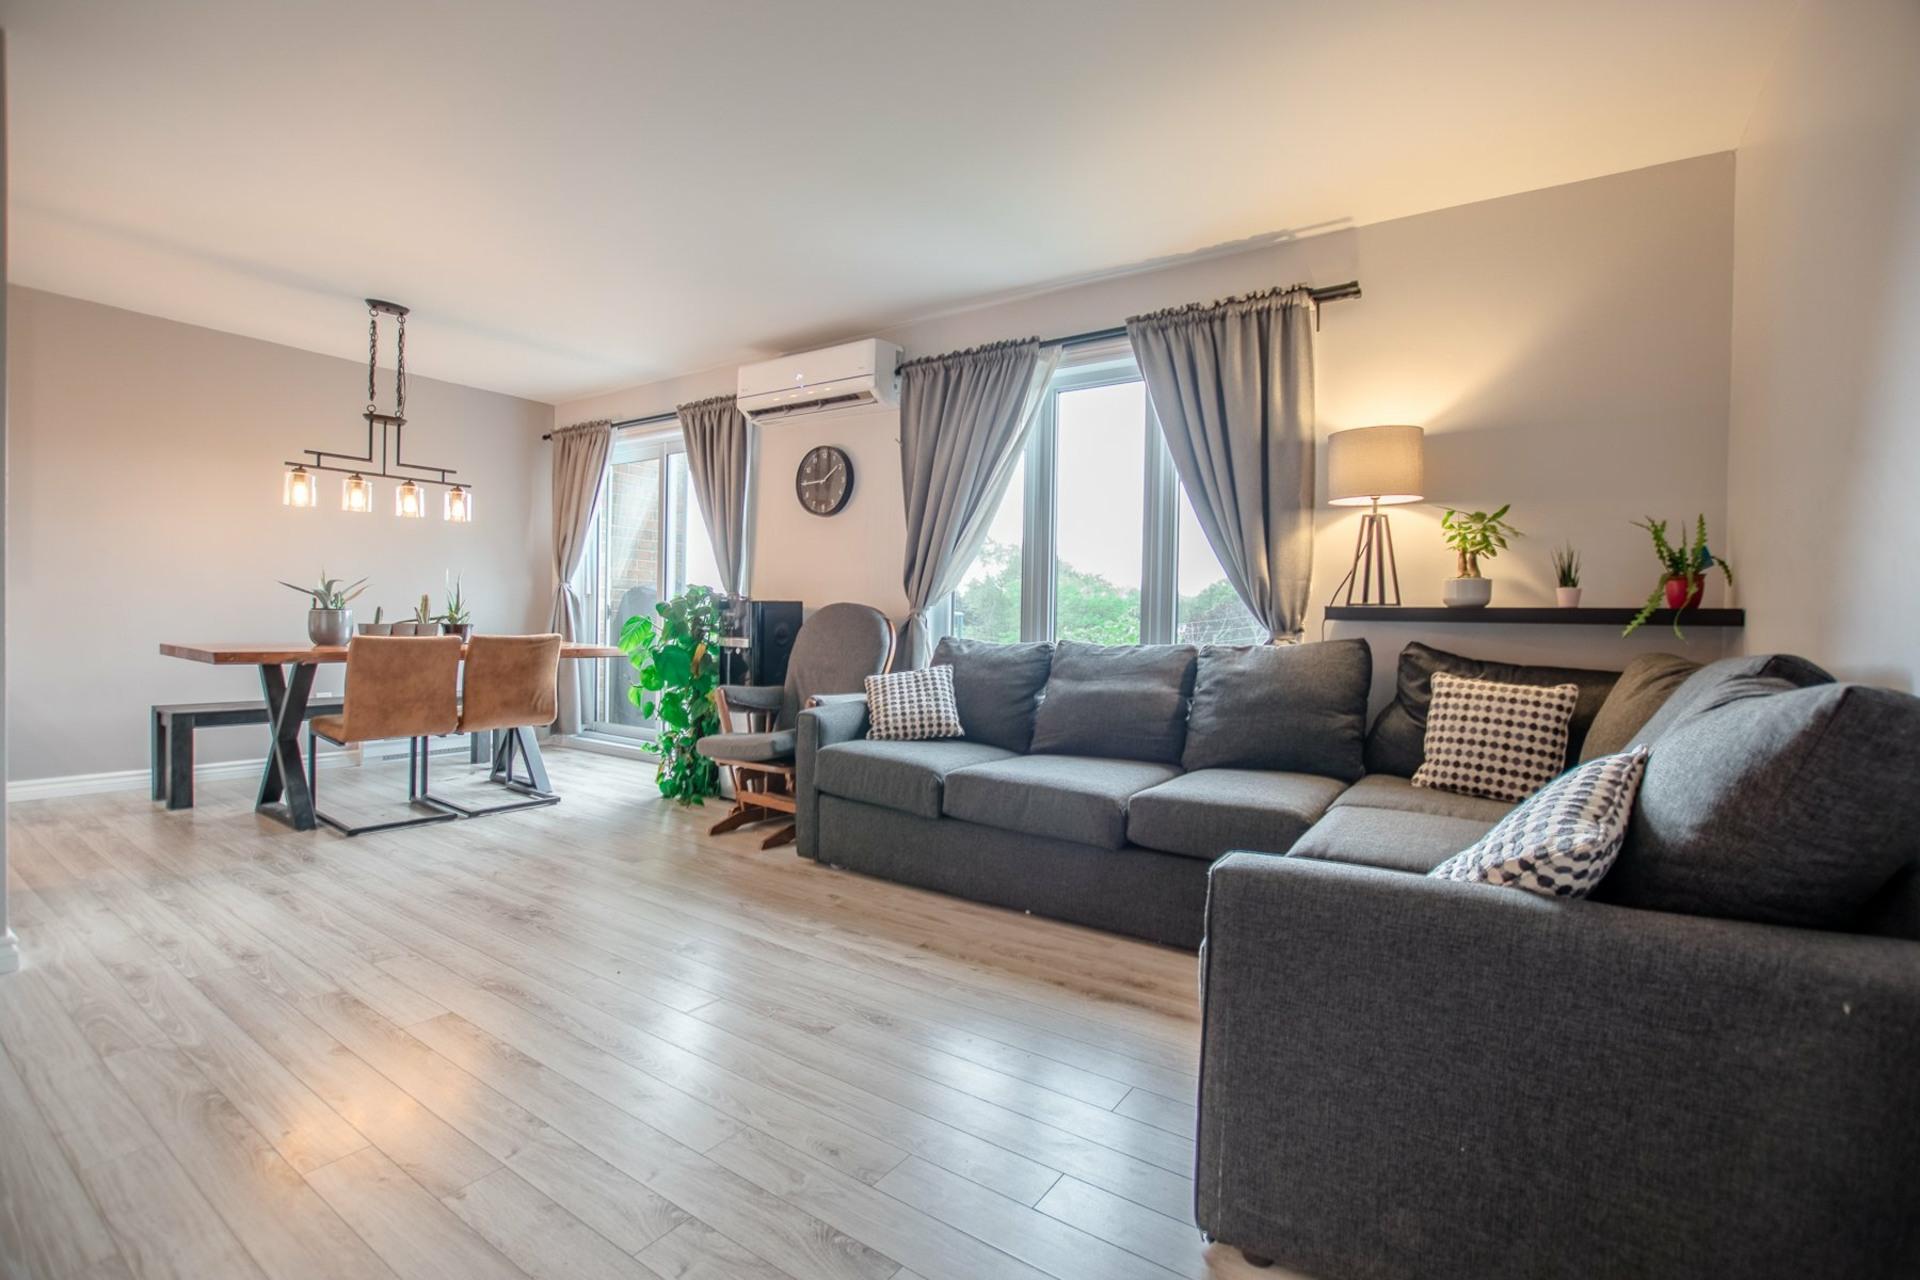 image 7 - Appartement À vendre Châteauguay - 5 pièces